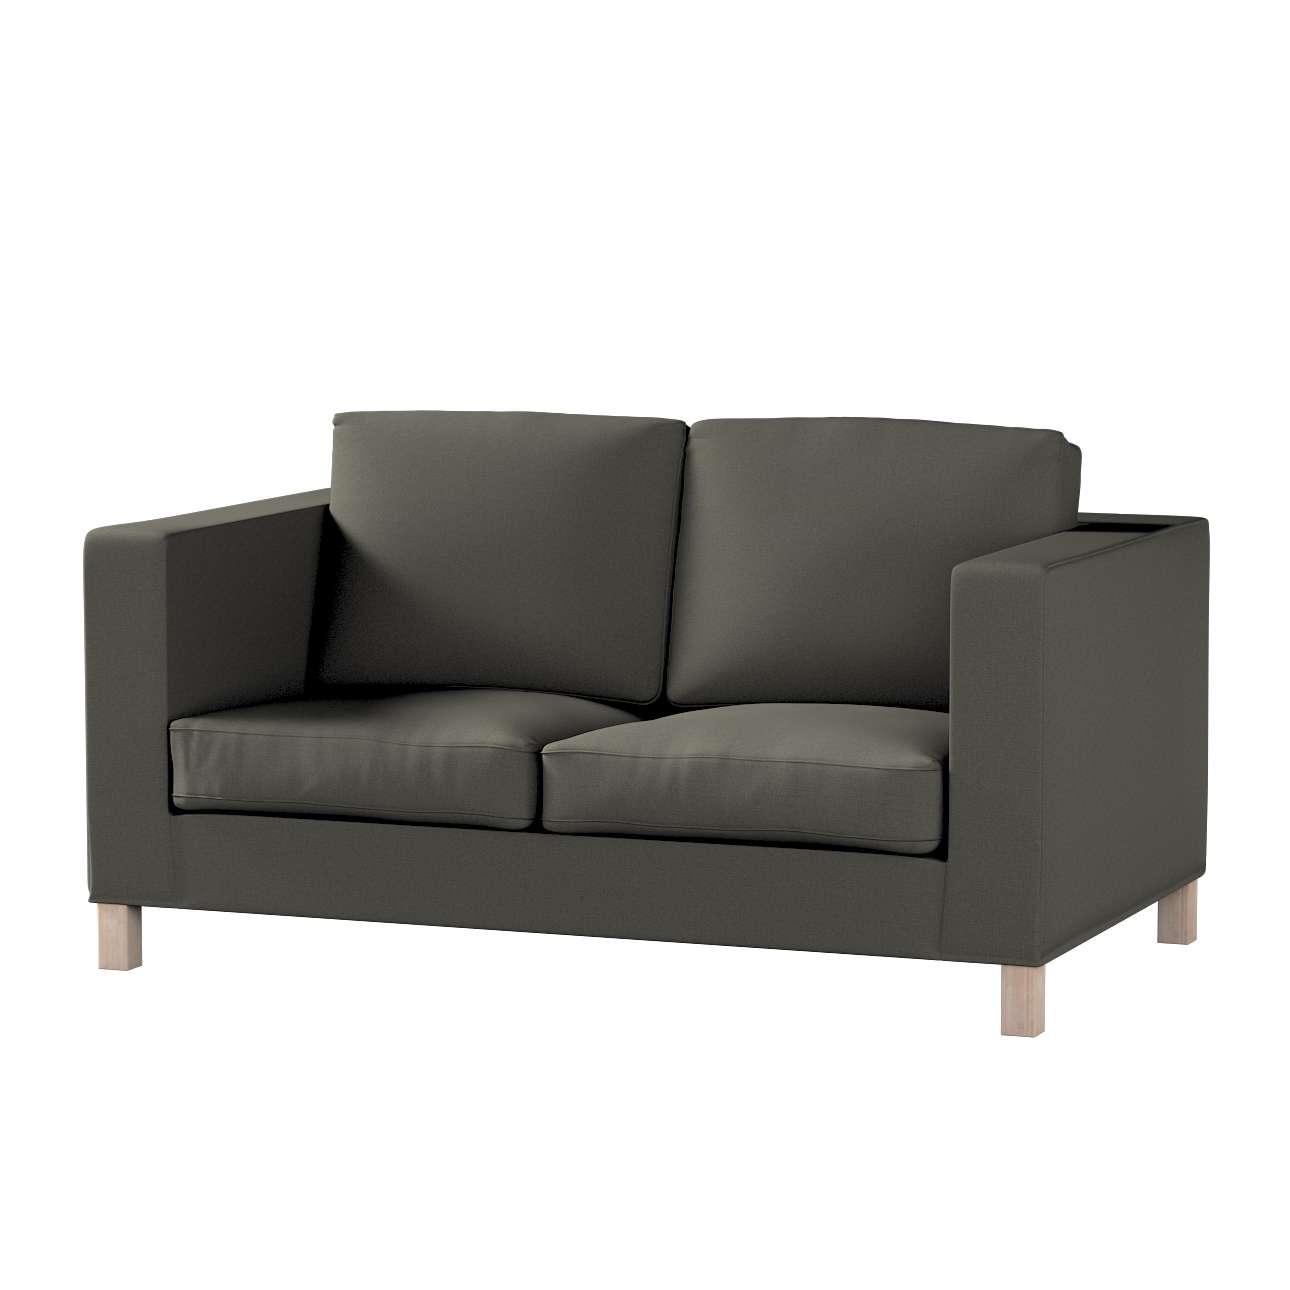 Karlanda klädsel<br>2-sits soffa - kort klädsel i kollektionen Living, Tyg: 161-55